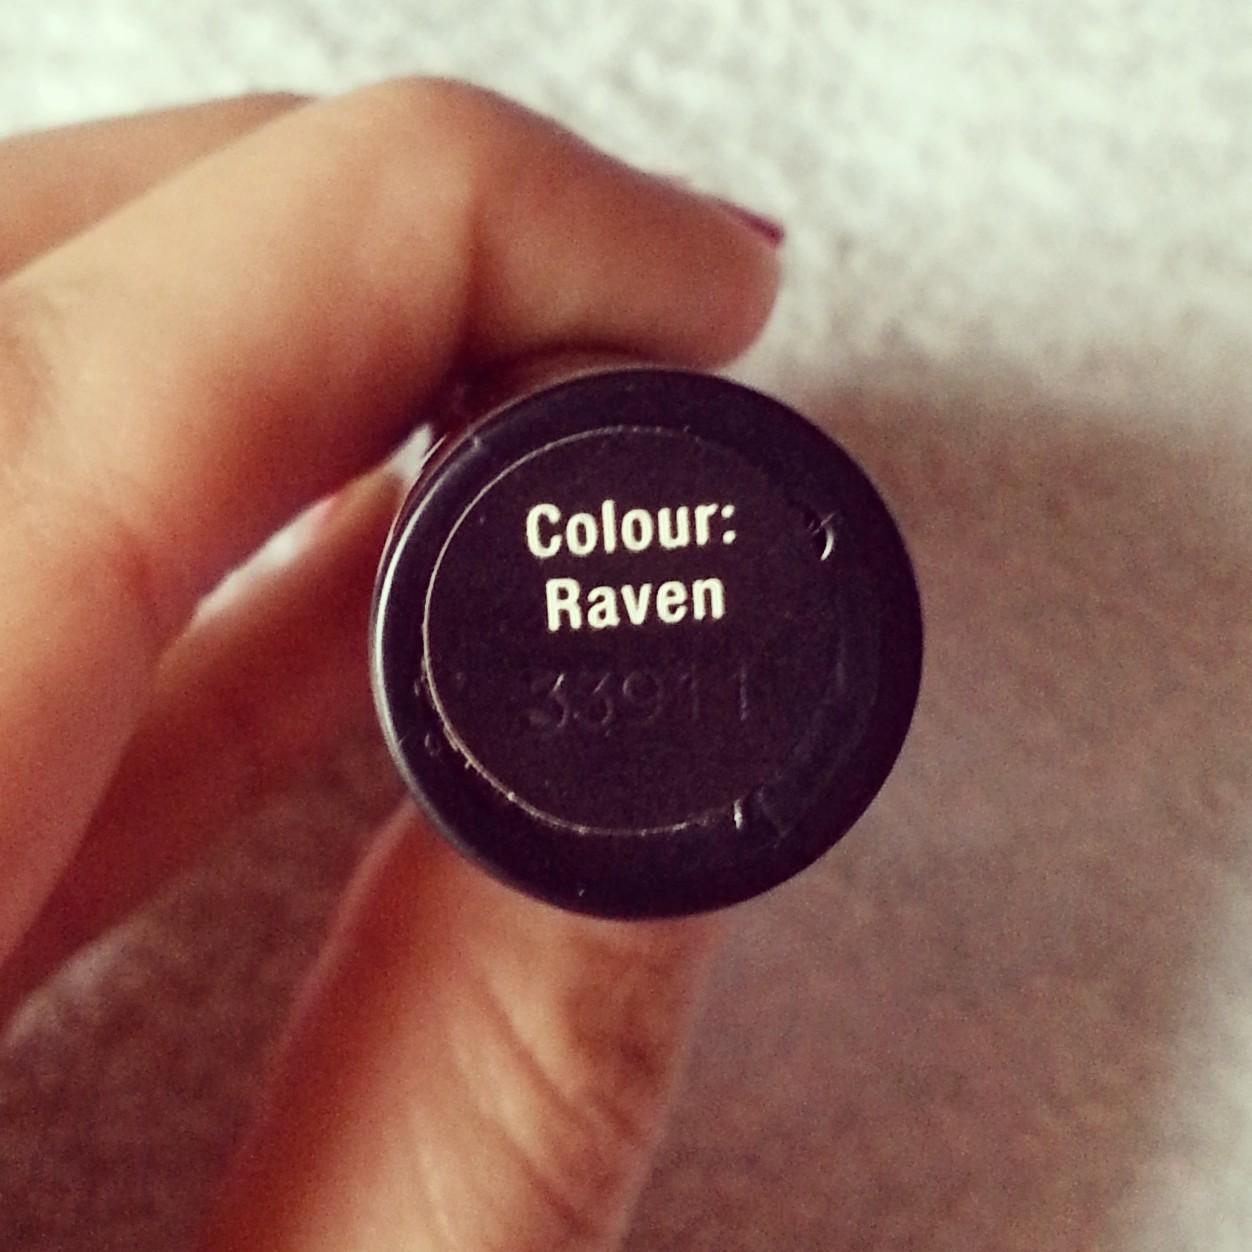 Illamasqua Masquara Raven